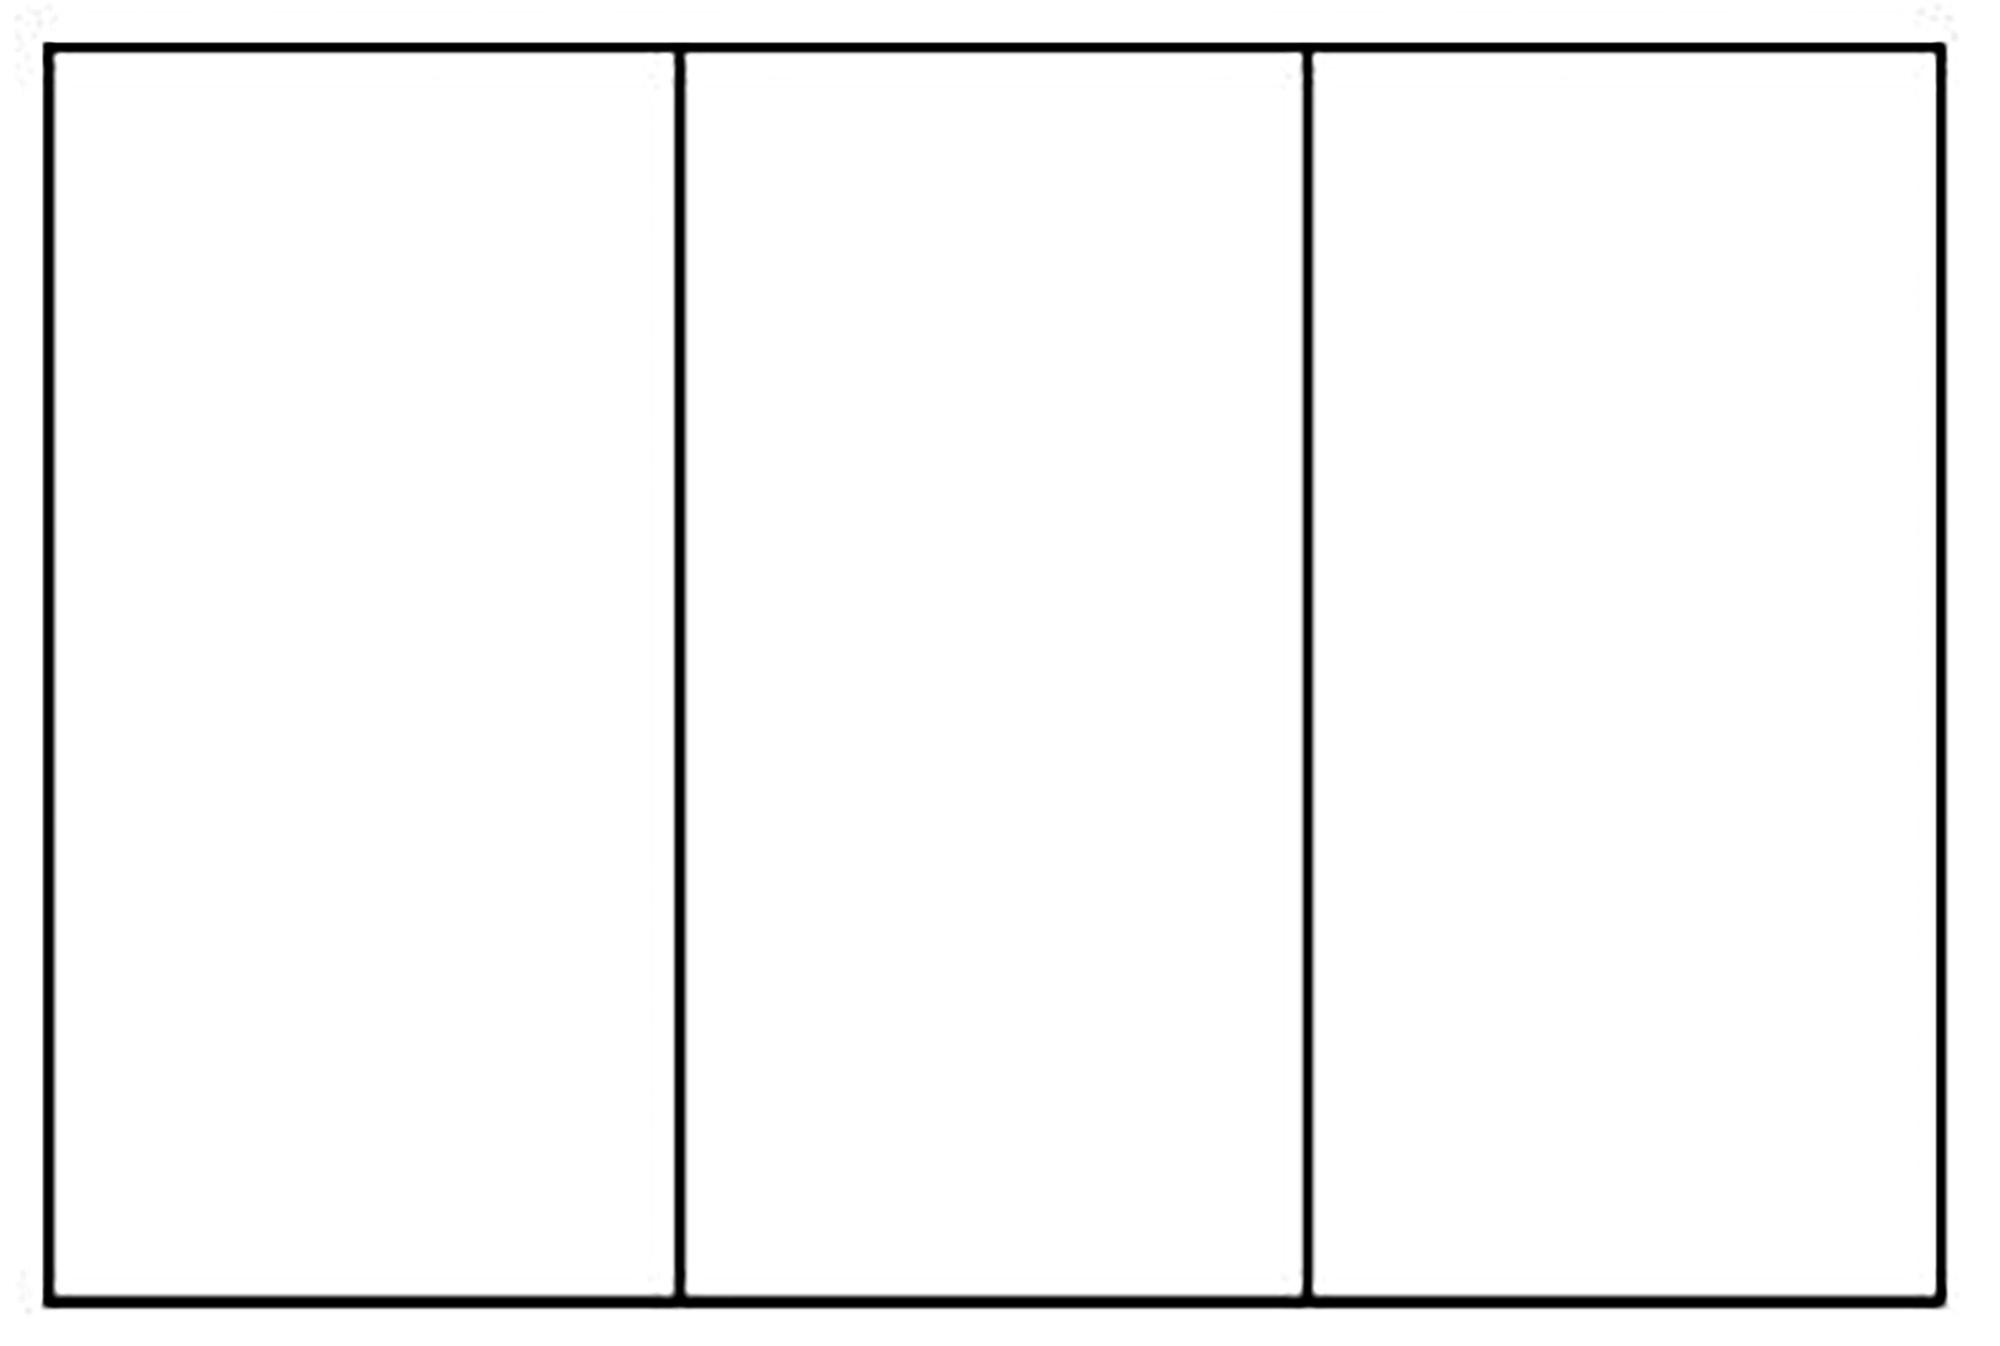 Fahnen 62992 - Fahnen - Malbuch Fur Erwachsene